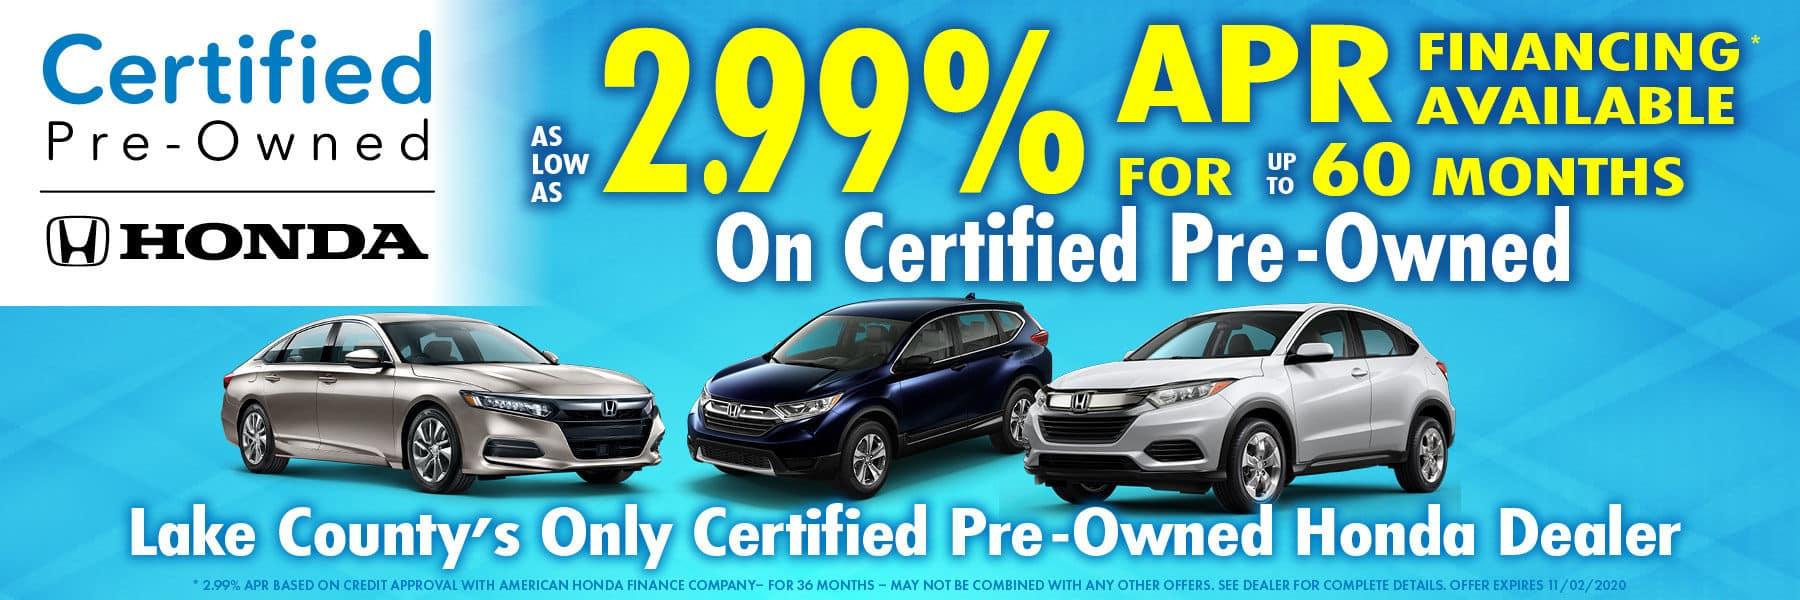 10092020T3950 HQ Honda Certified 1800×600 (1)